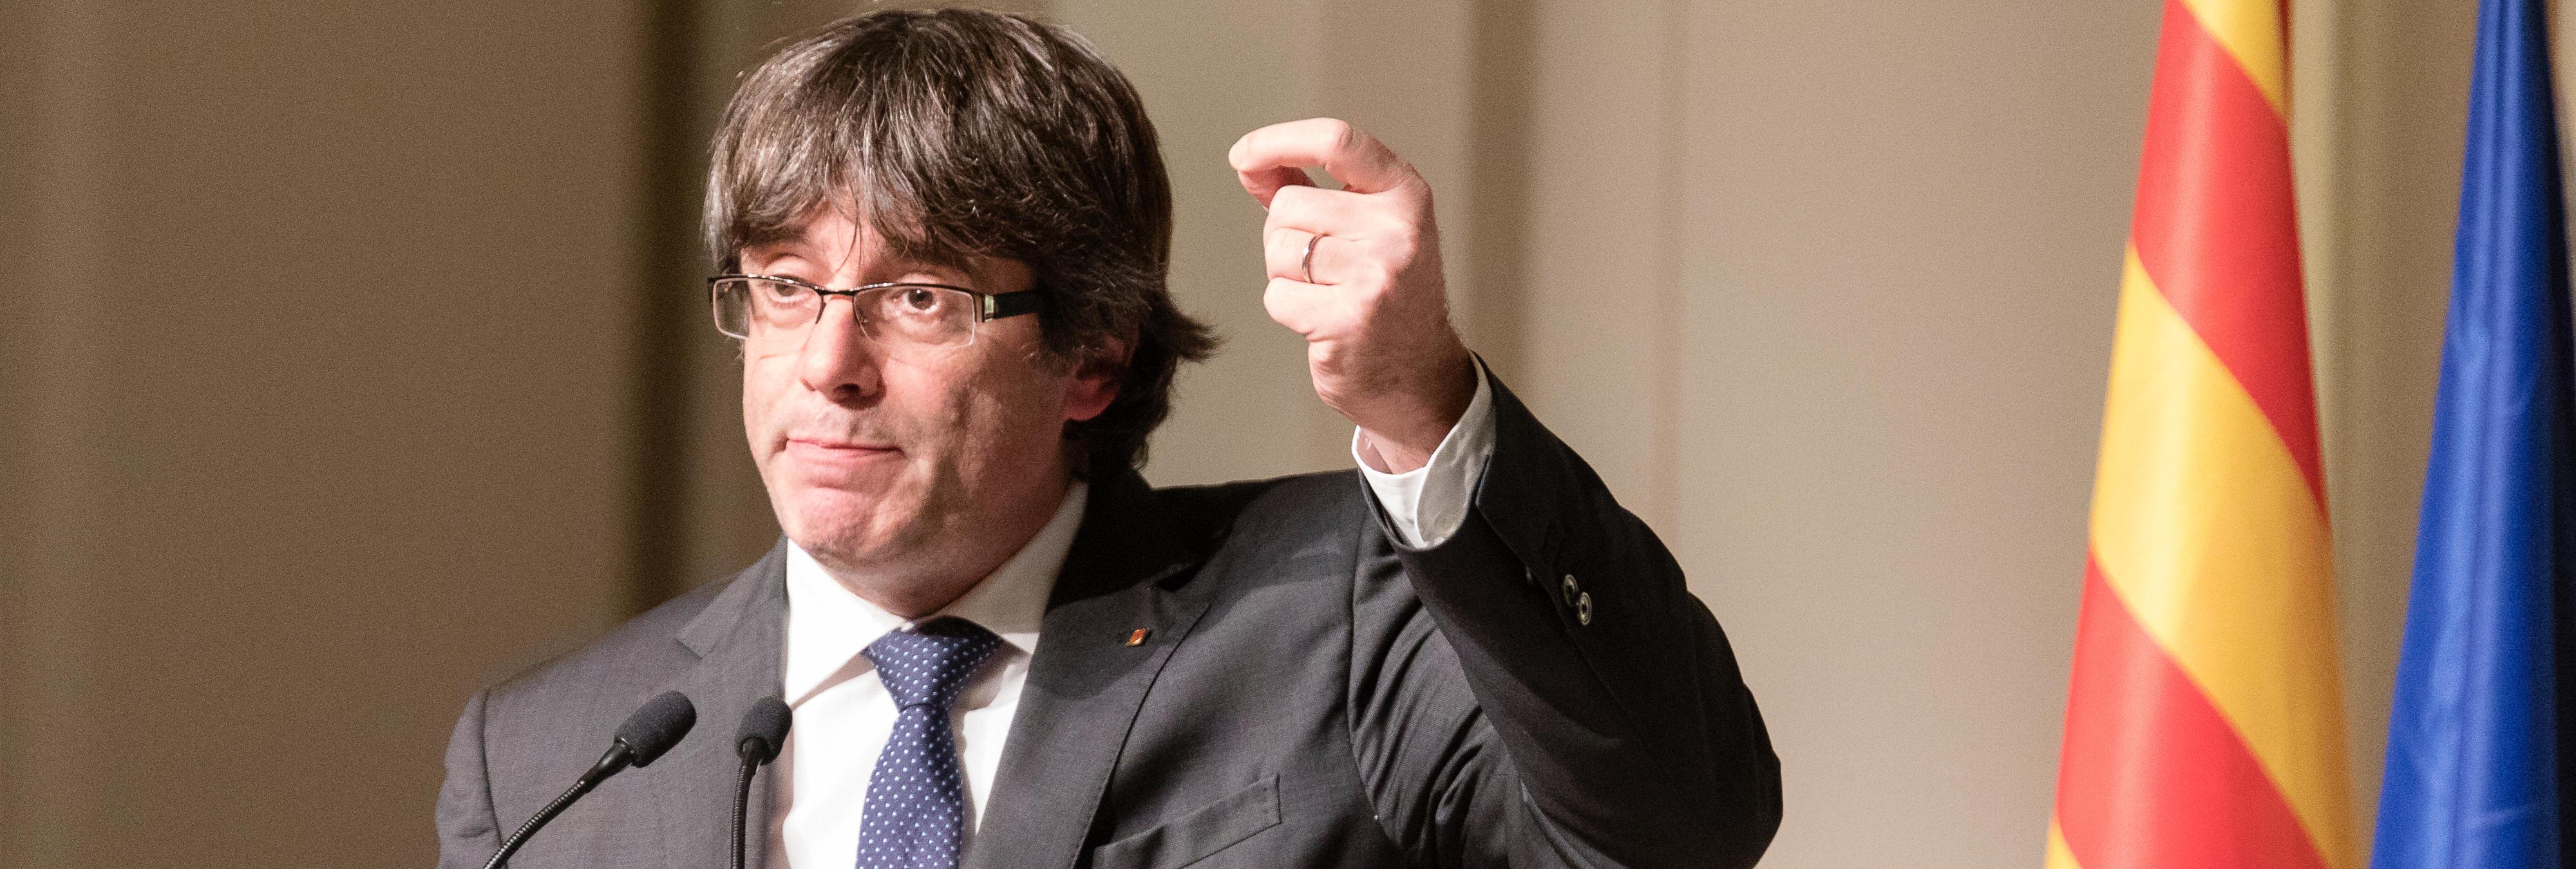 """Puigdemont dice ahora que """"otra solución que no sea la independencia es posible"""""""